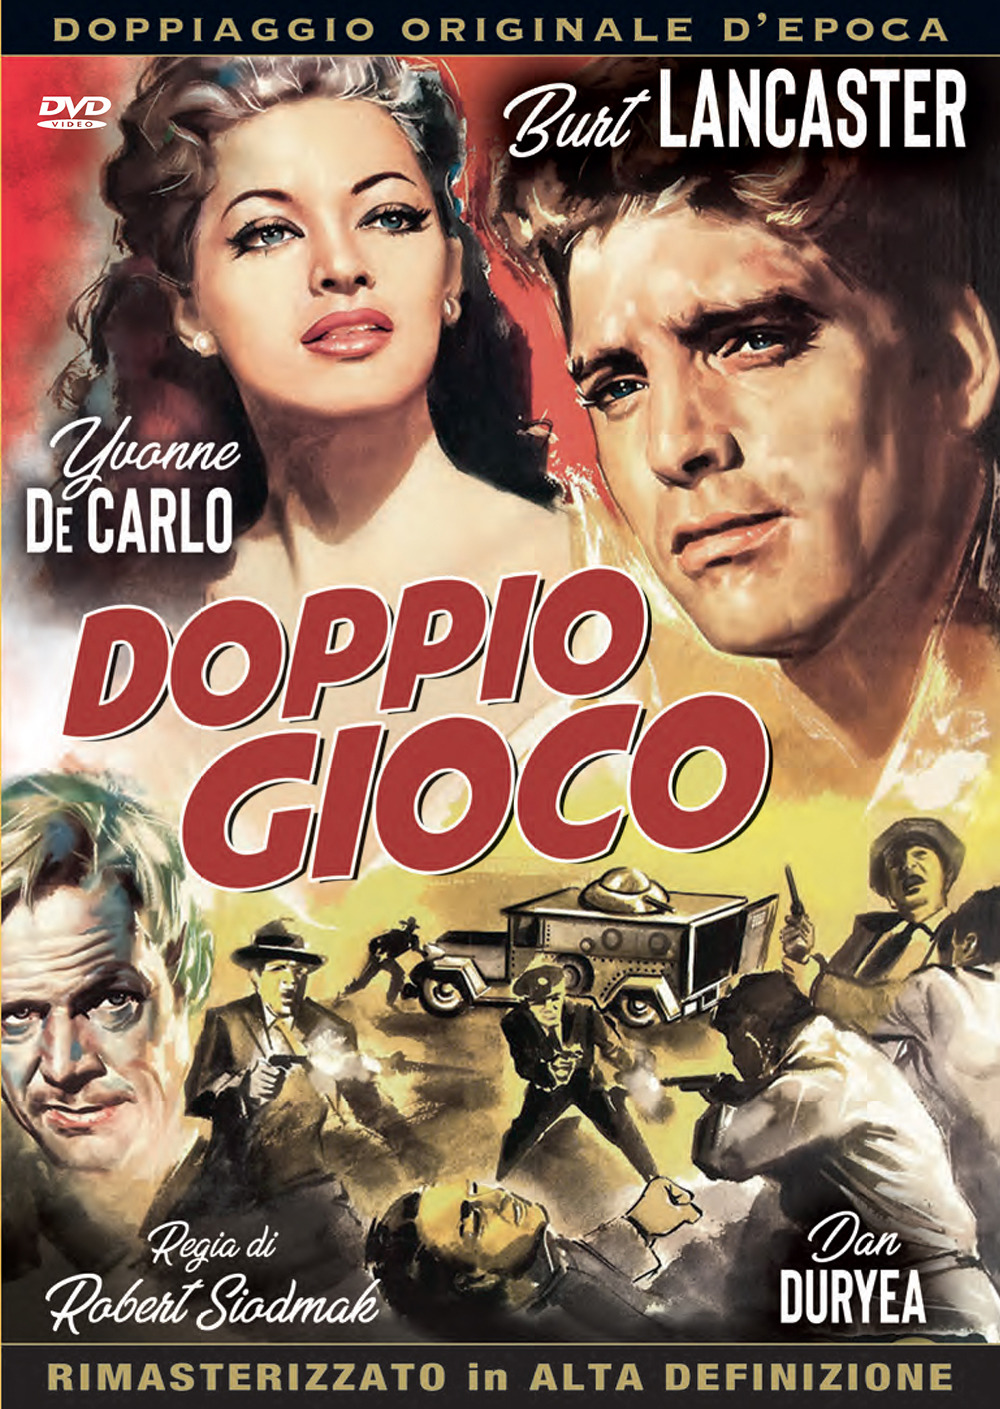 DOPPIO GIOCO (DVD)